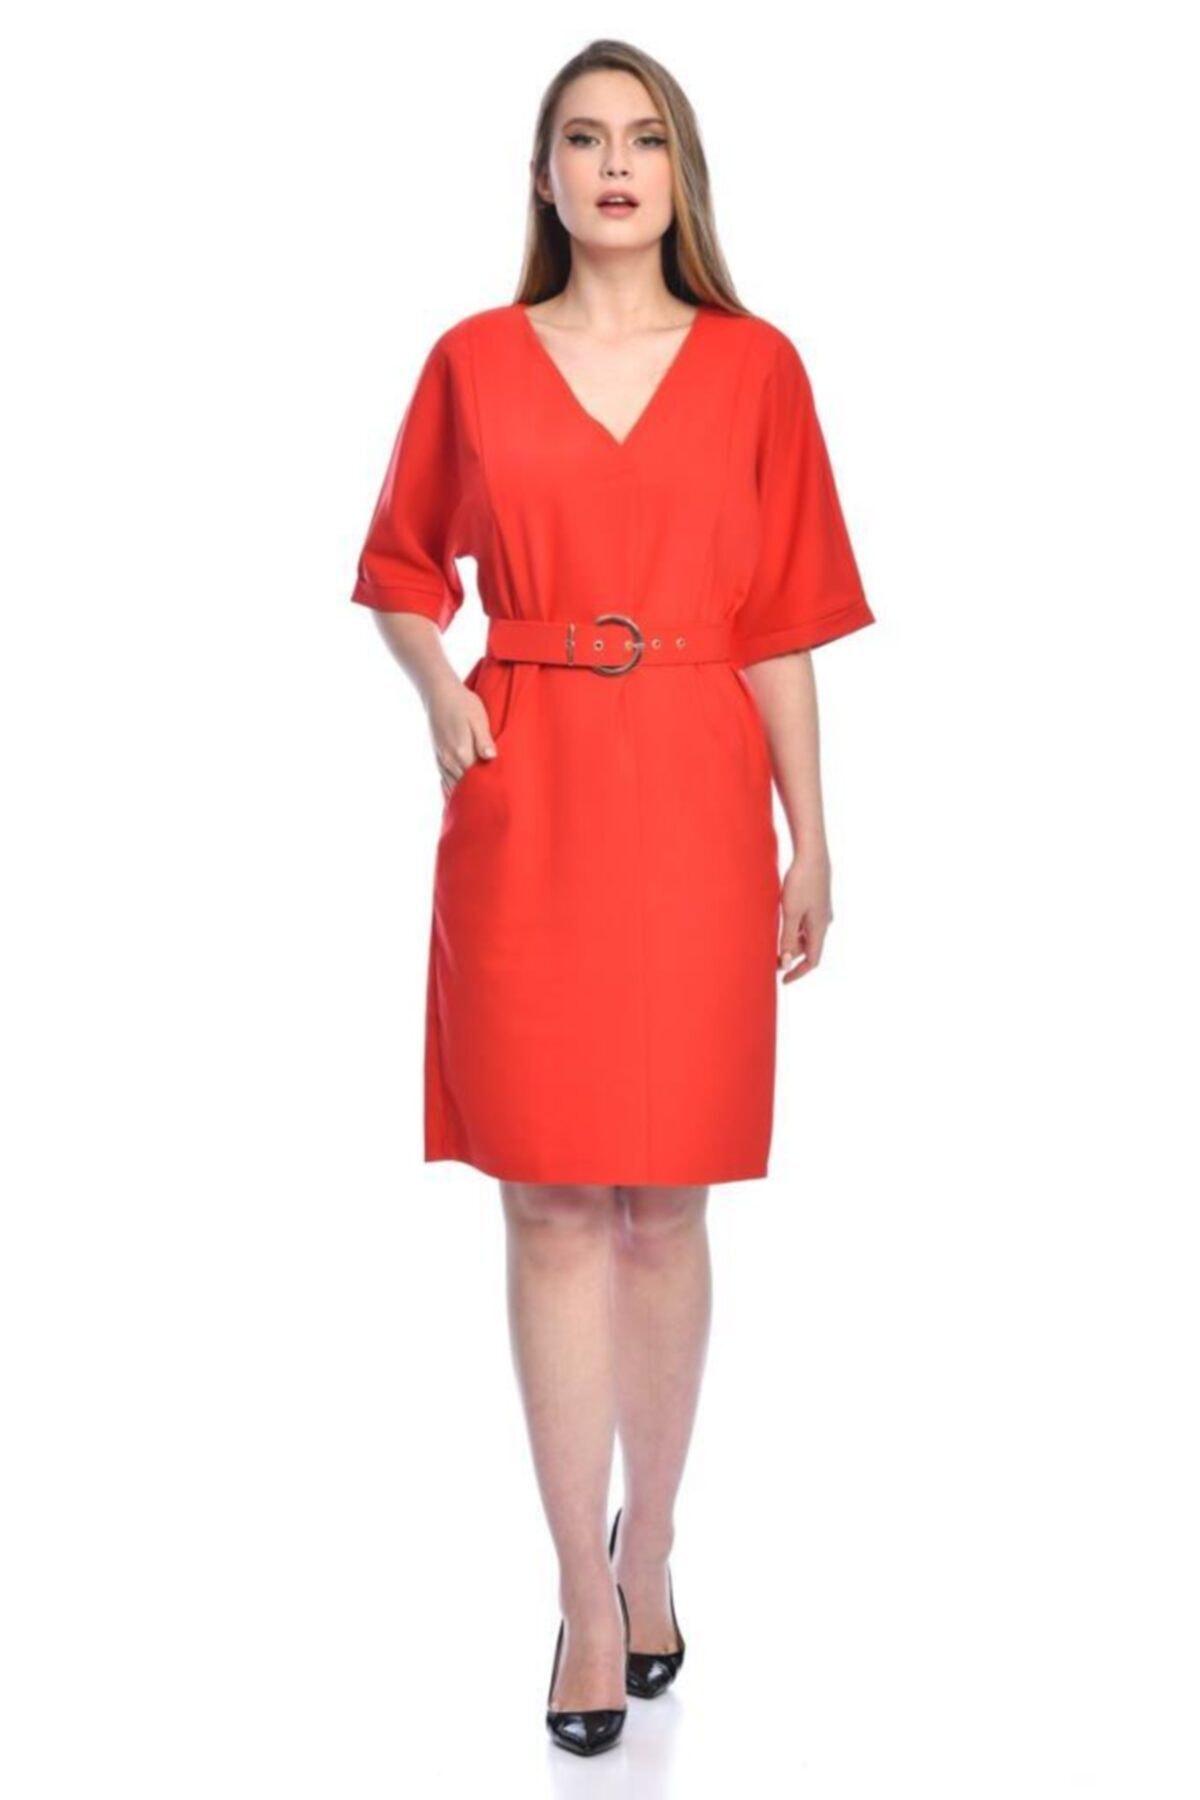 Modkofoni Kısa Kollu V Yaka Yandan Cepli Tokalı Ve Kemerli Kırmızı Elbise 1